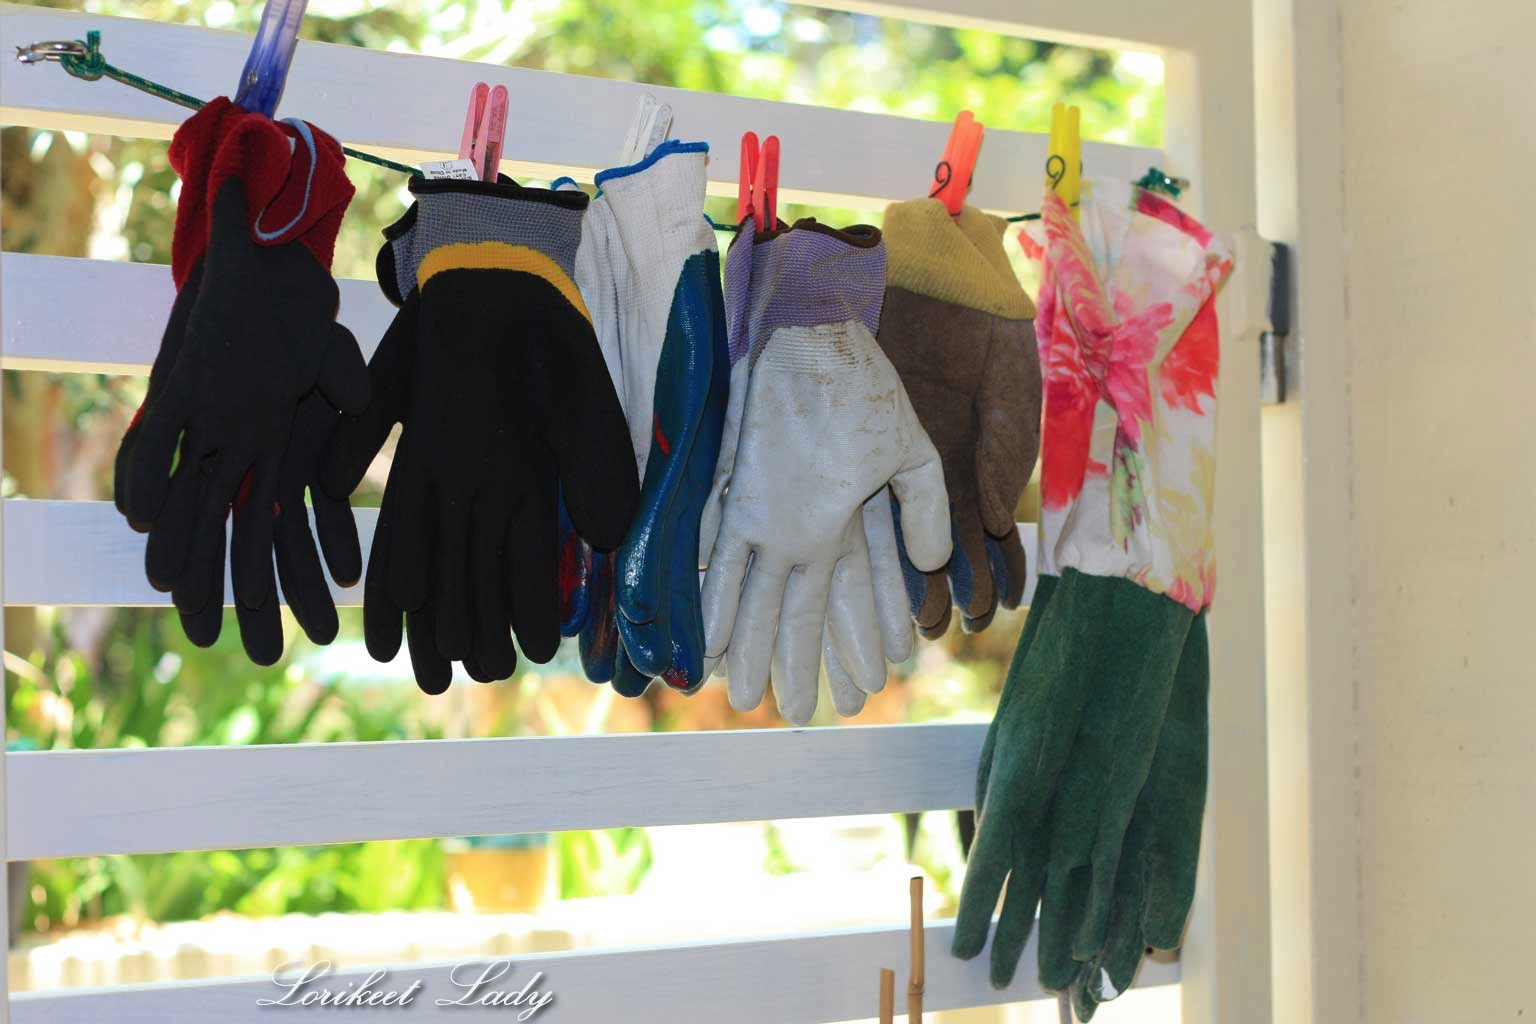 glove-storage